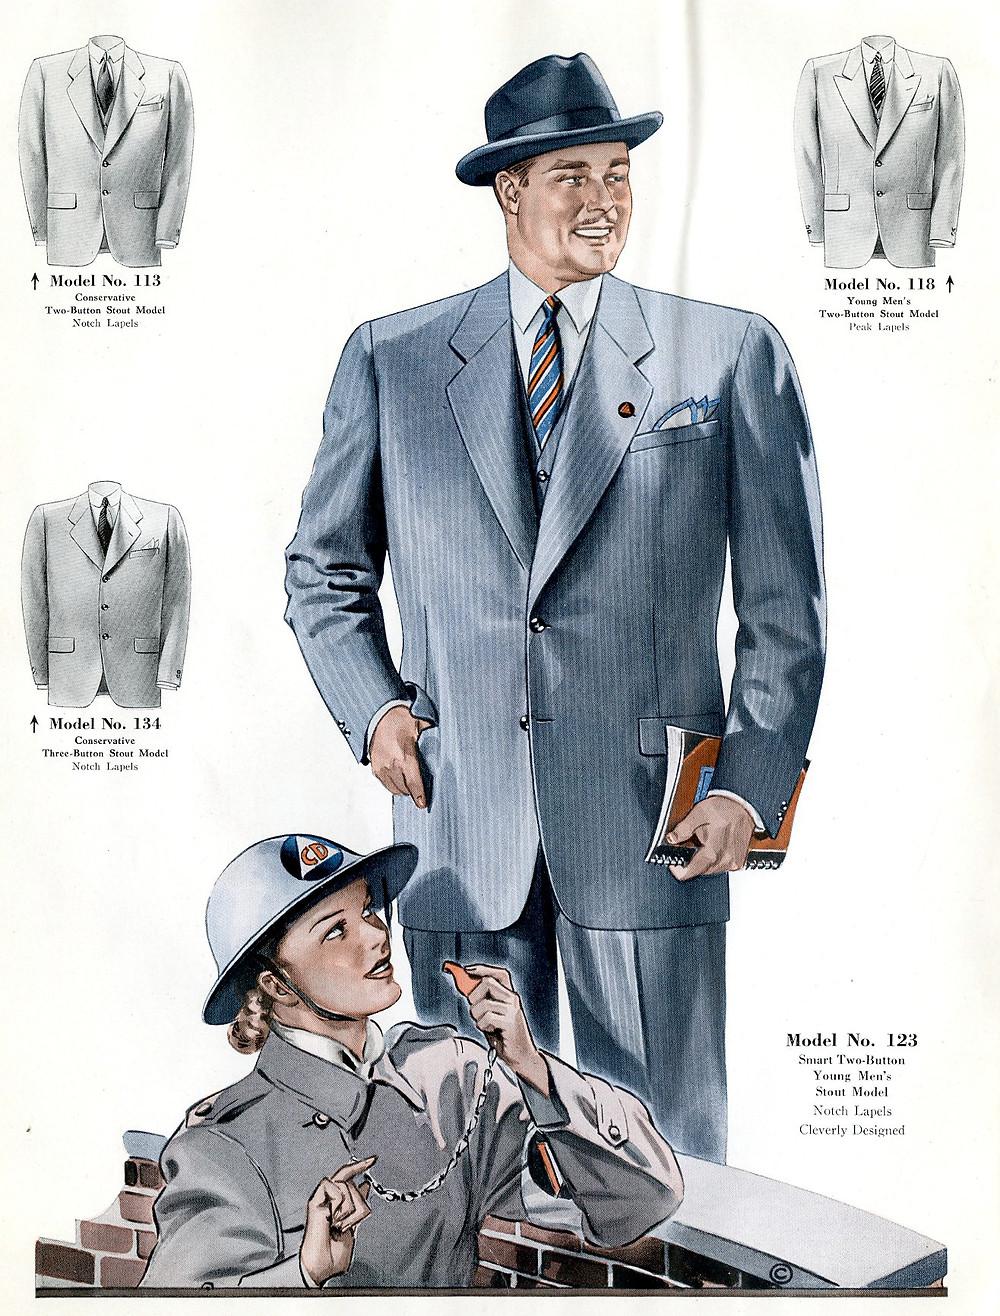 1940s fashion suit jackets for men